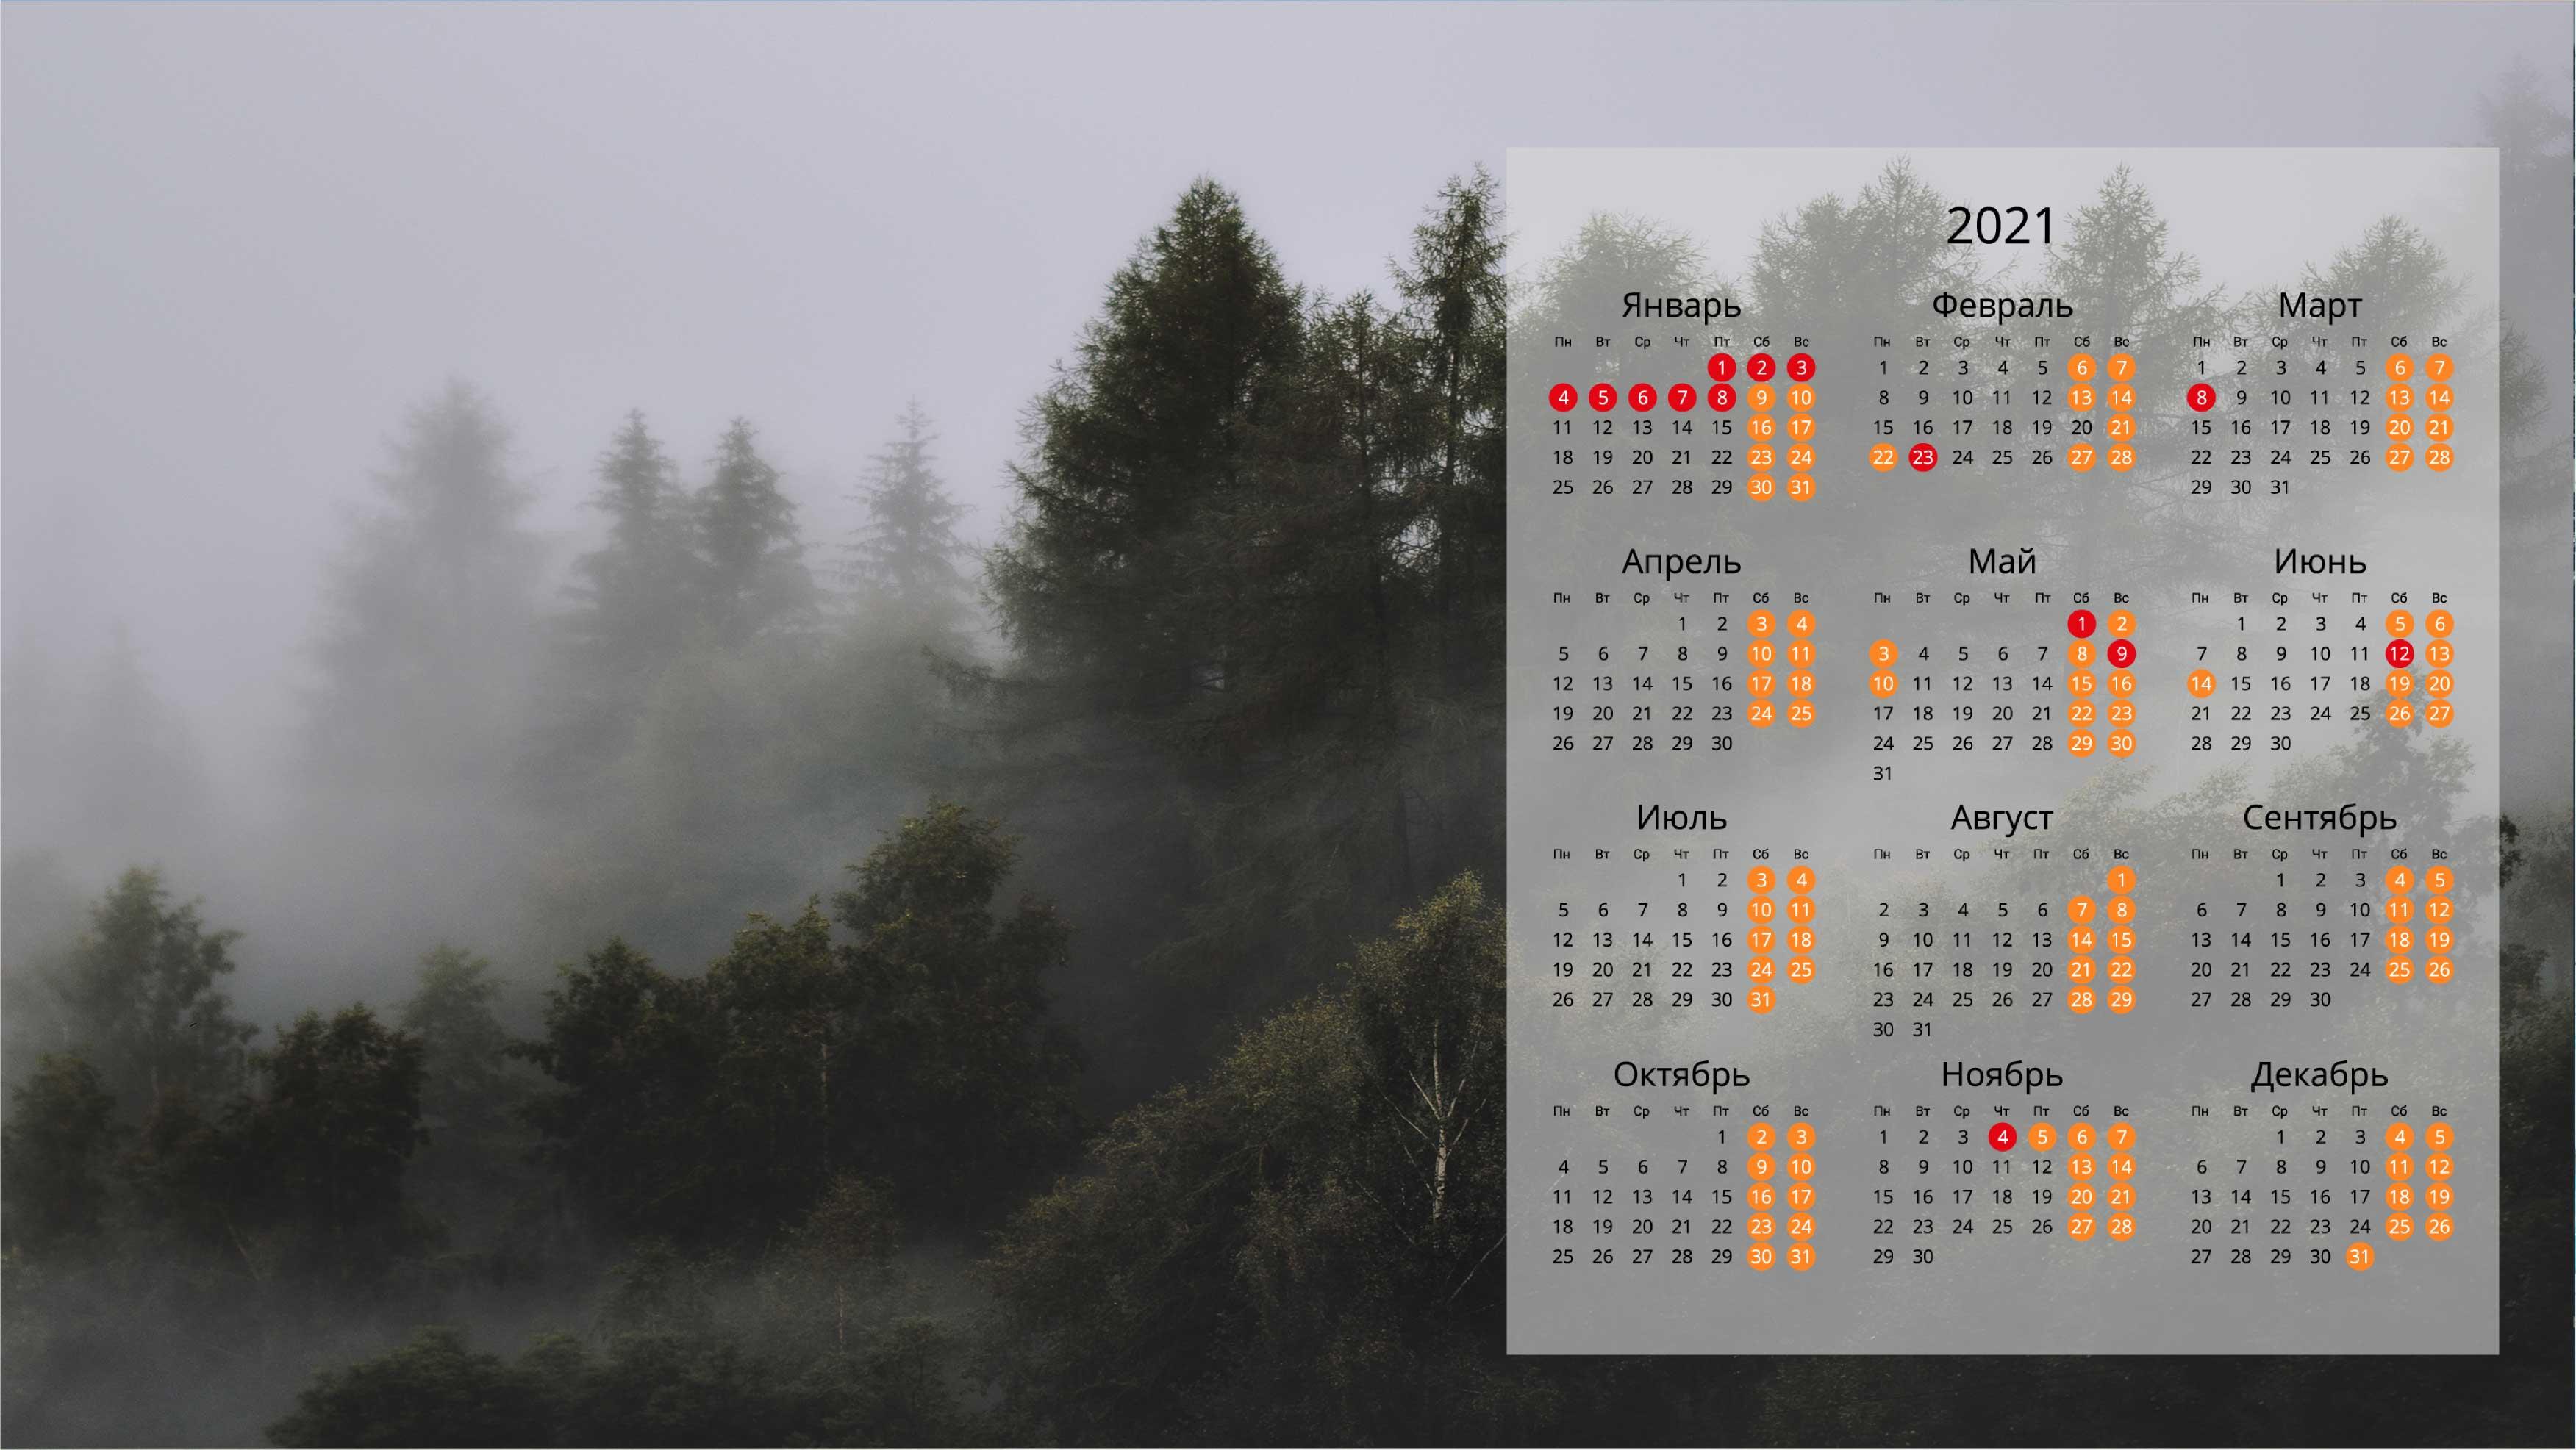 Обои на рабочий стол с календарем 2021 года (13)